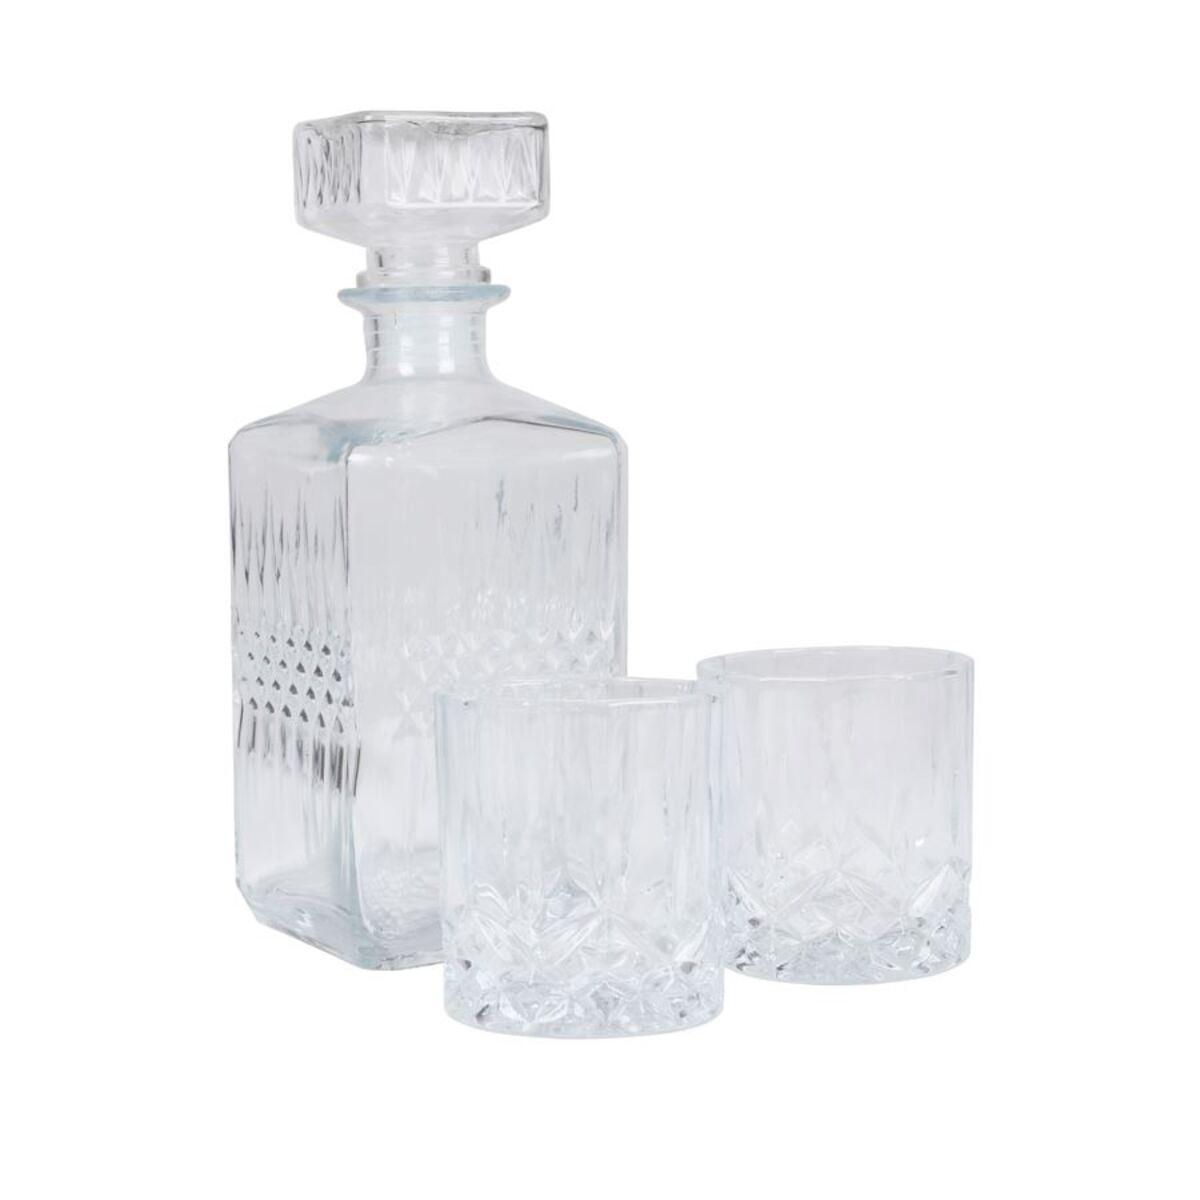 Bild 3 von Whiskykaraffe aus Glas 850ml